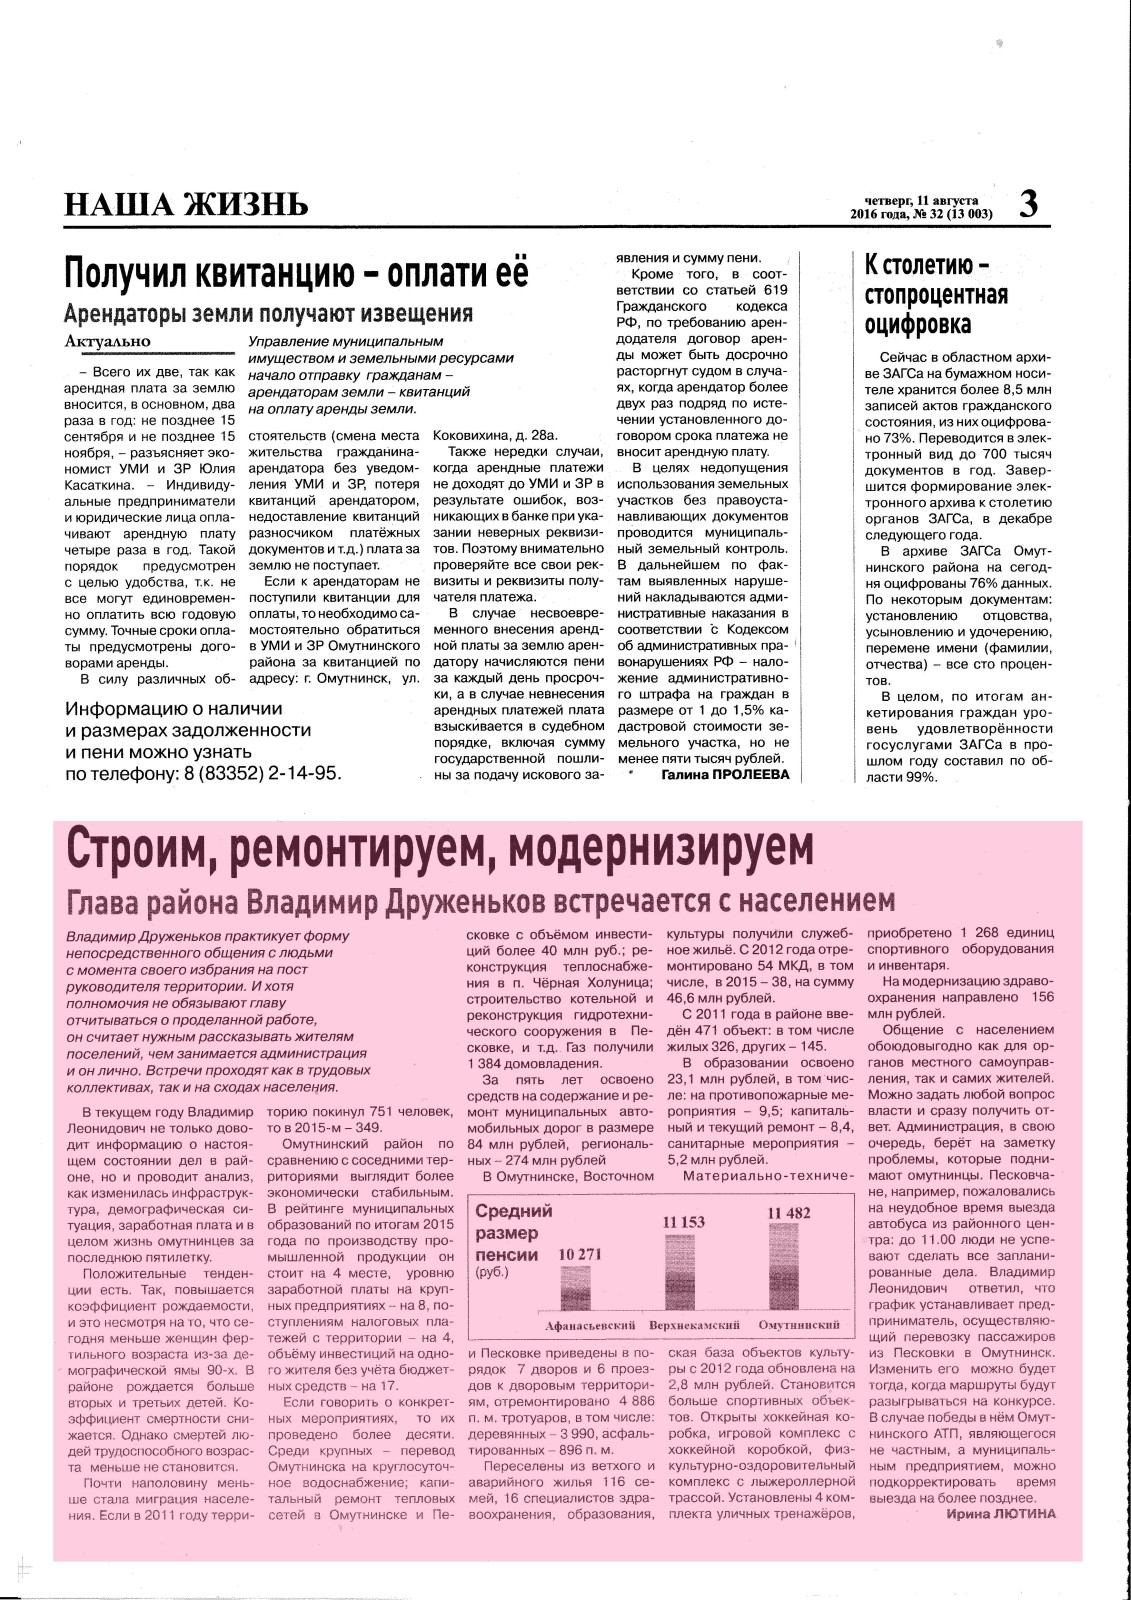 Газета Наша Жизнь №32 2016 год